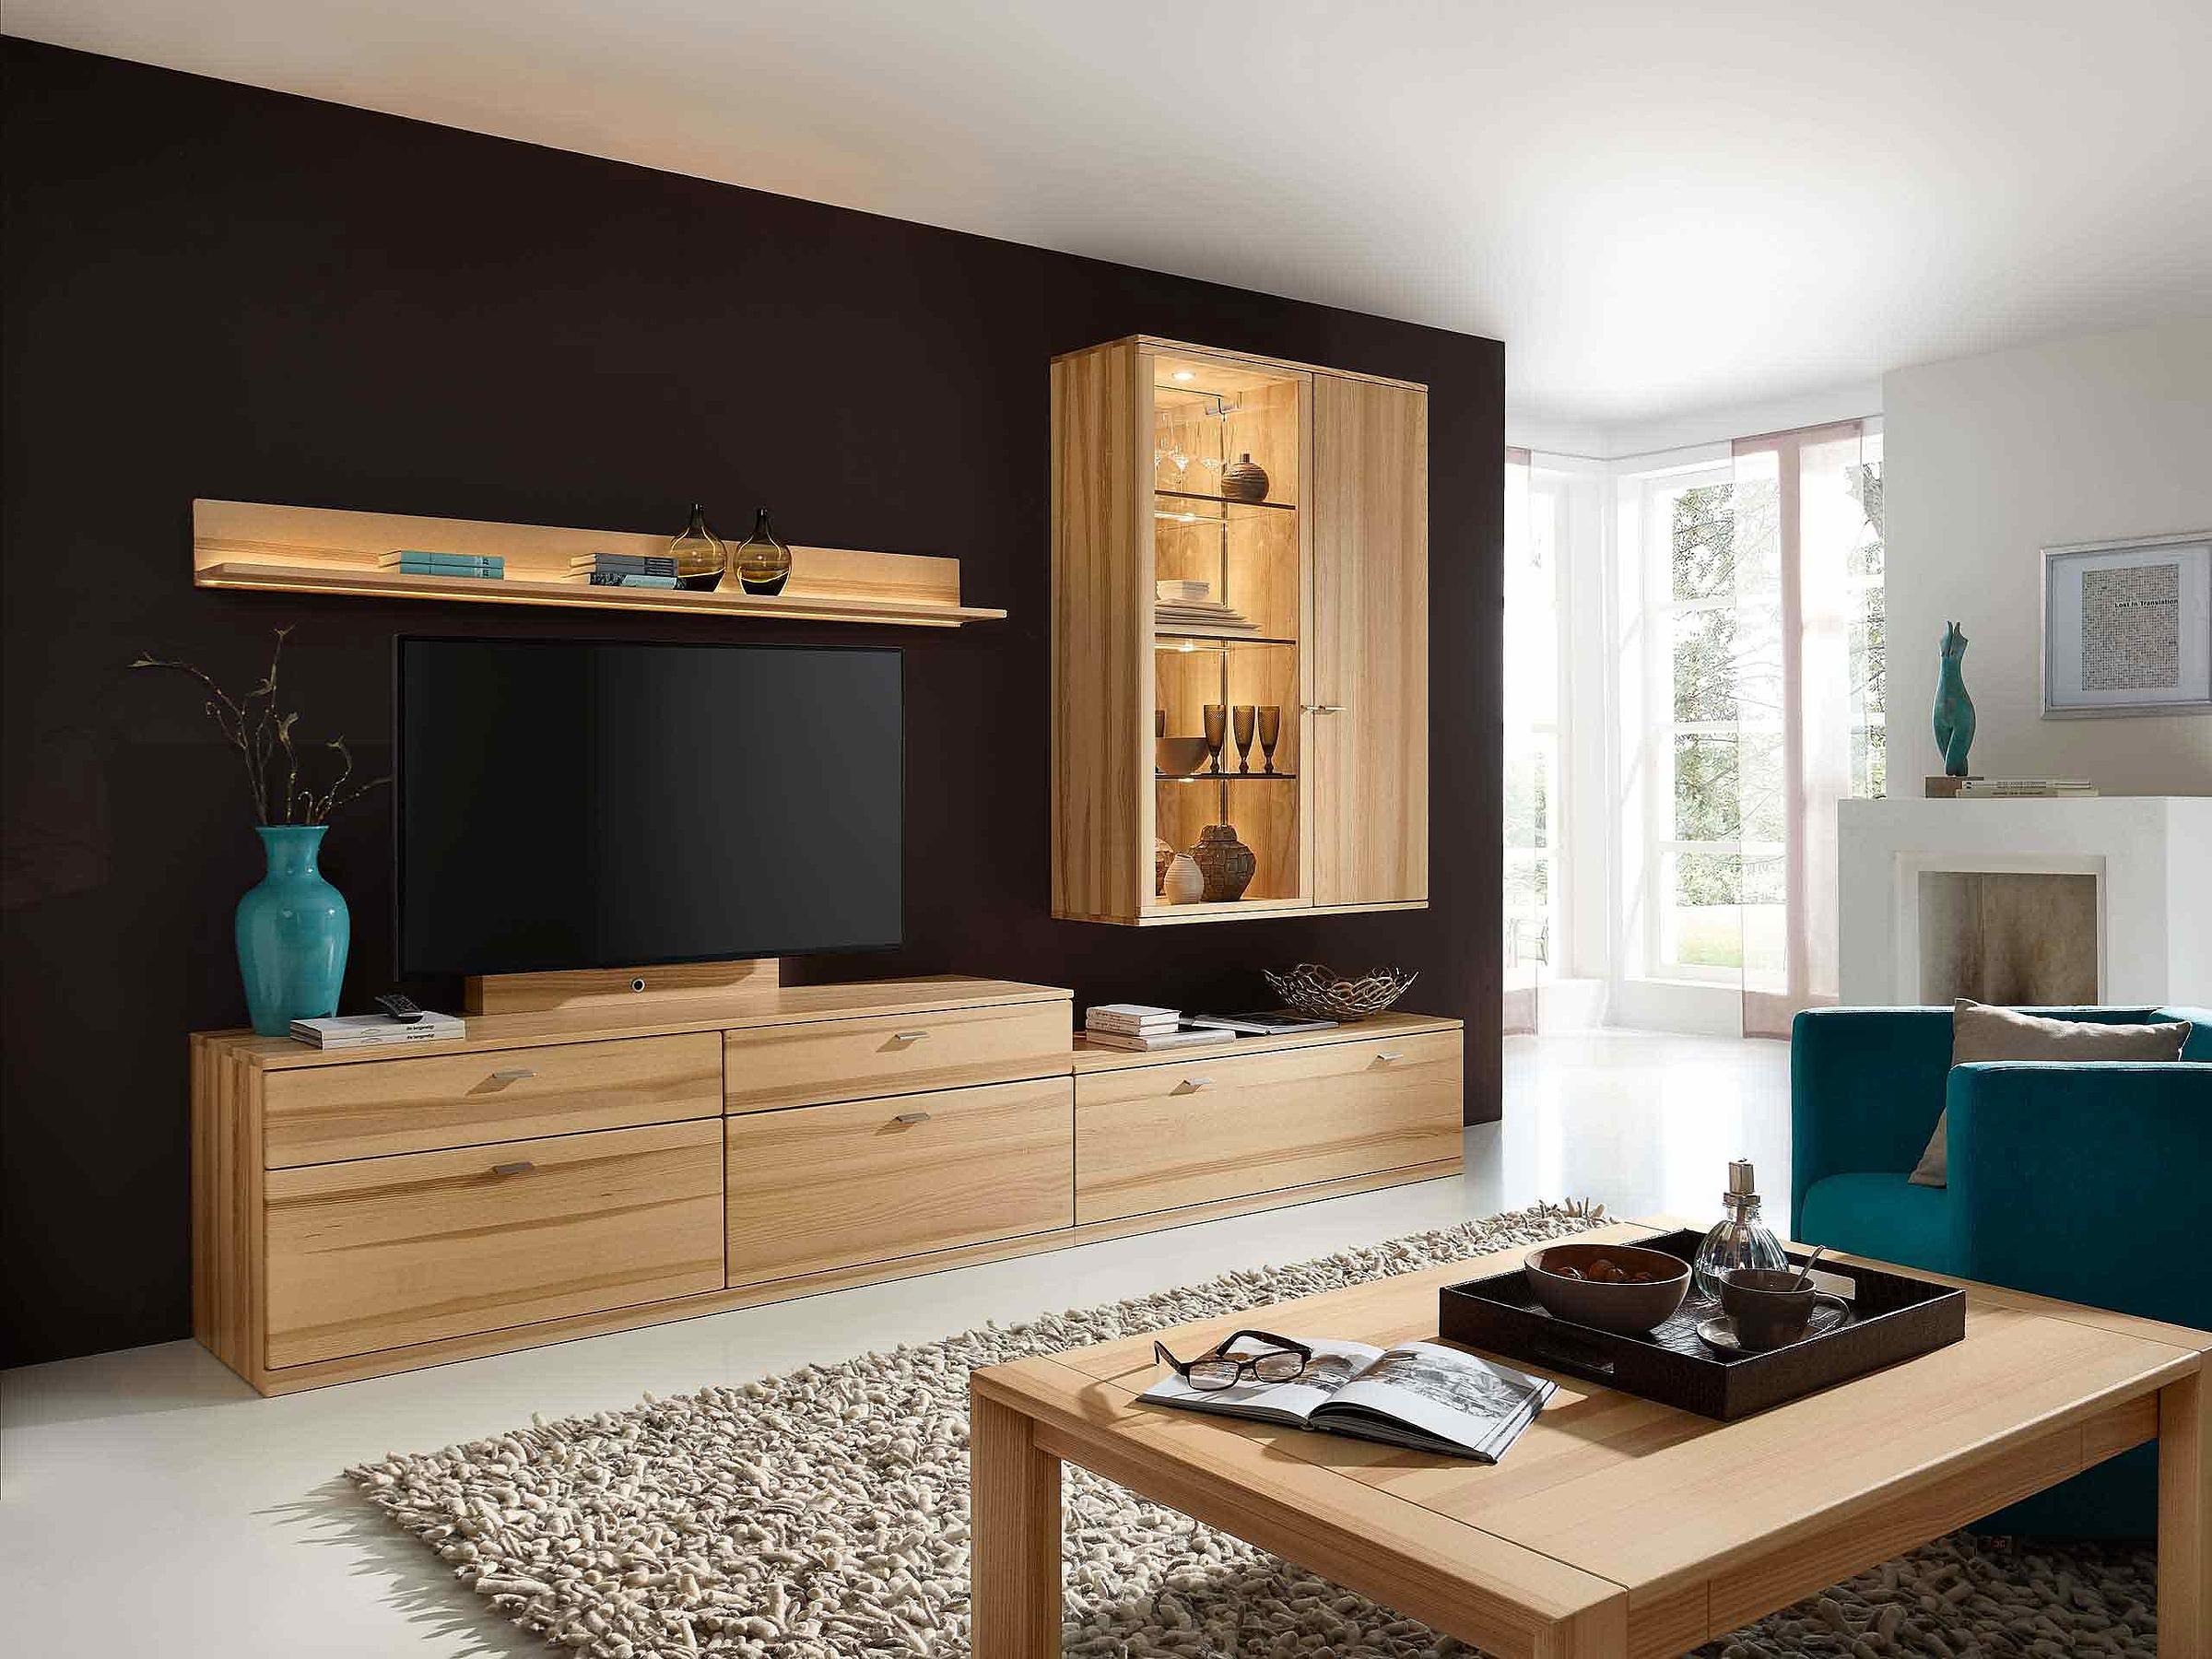 Wohnwand Couchtisch Wohnzimmer Allegro massiv